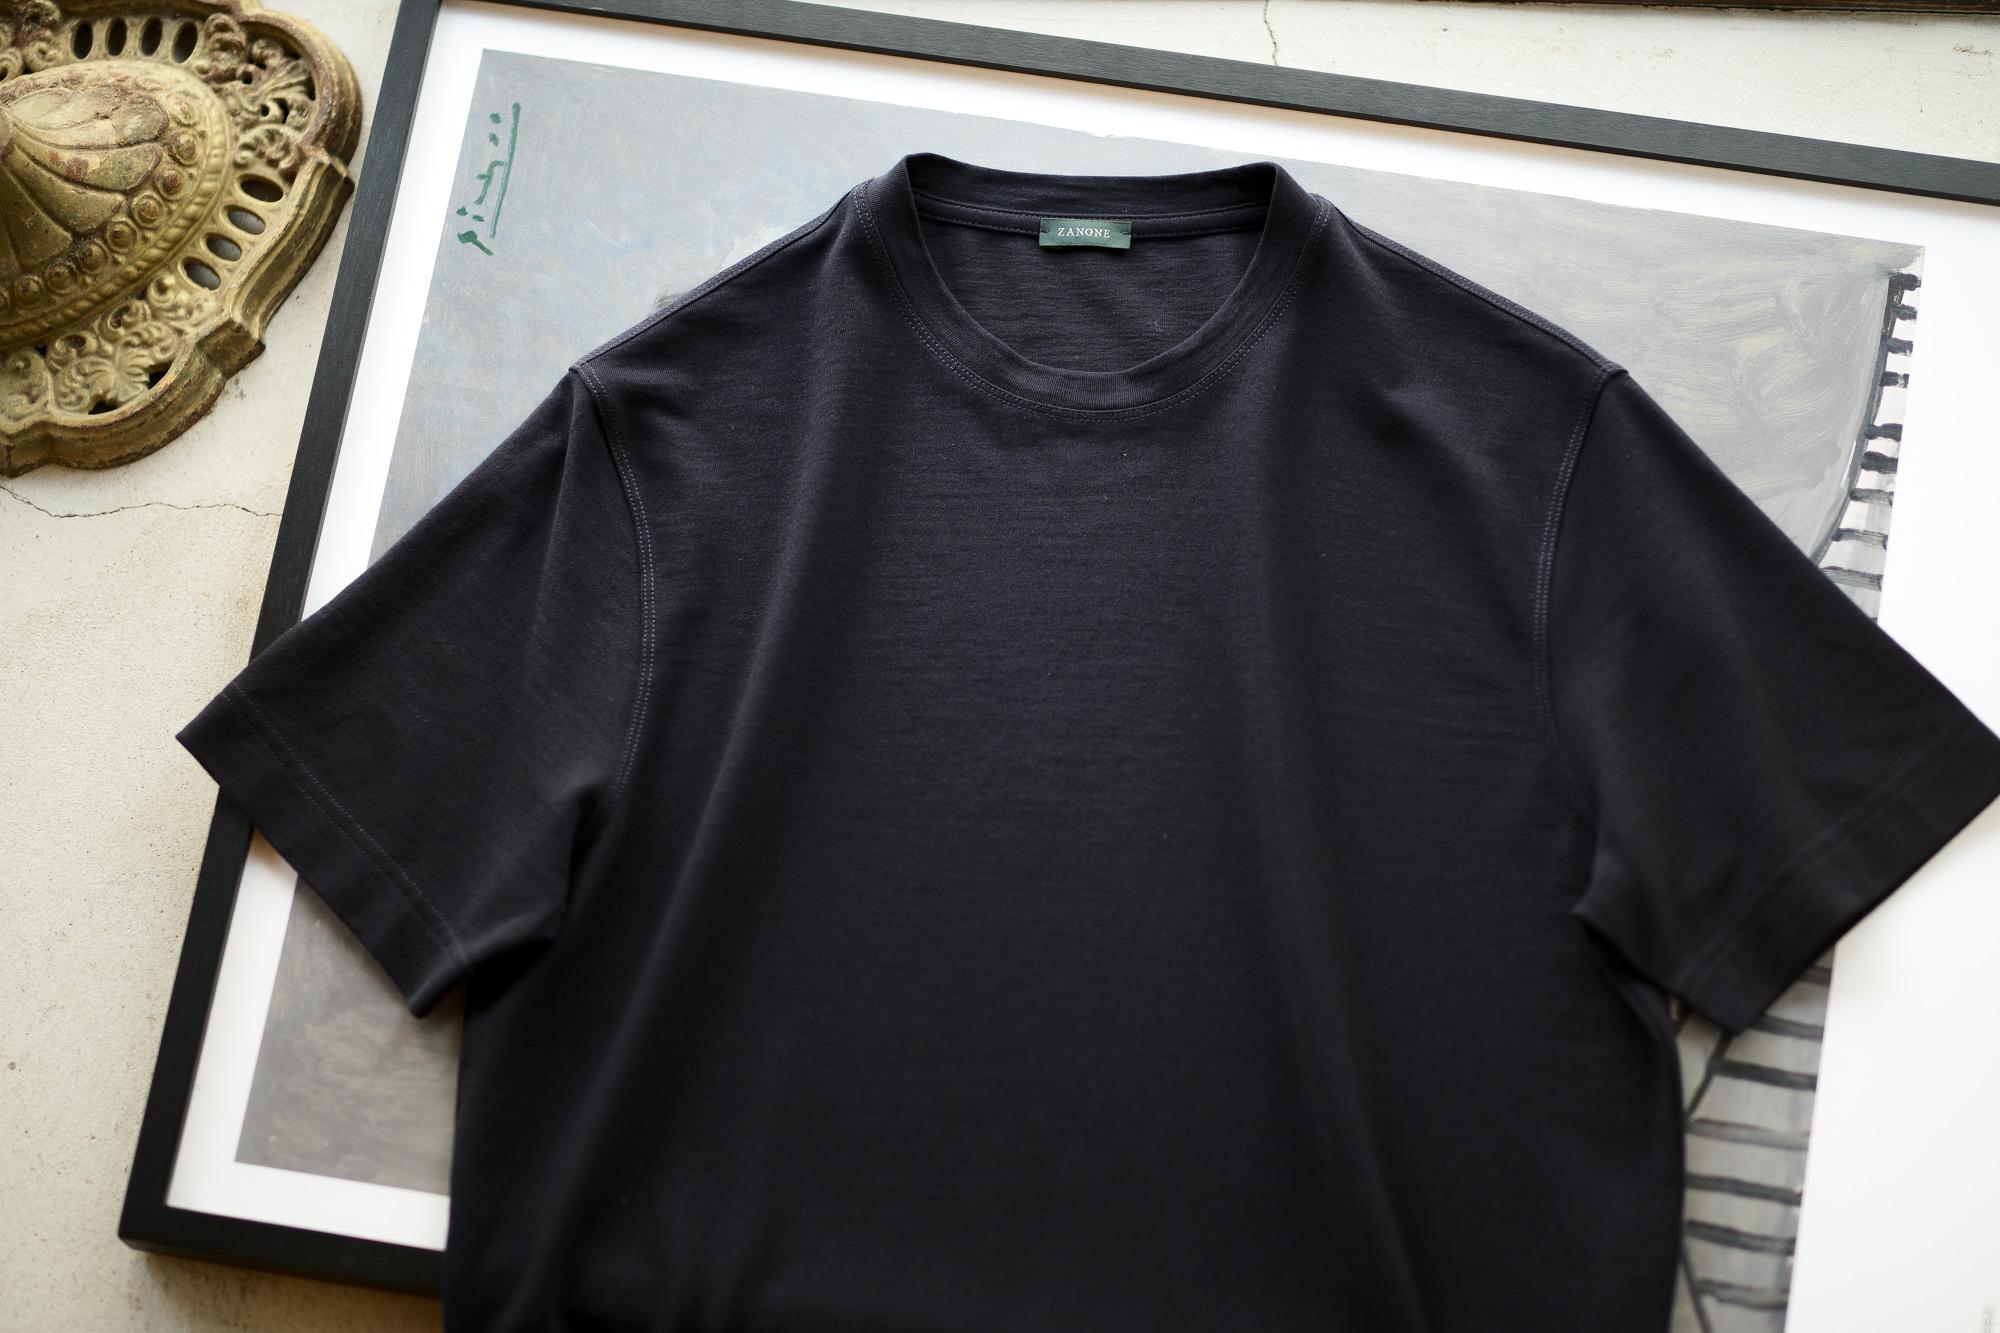 ZANONE(ザノーネ) Crew Neck T-shirt (クルーネックTシャツ) ice cotton アイスコットン Tシャツ NAVY (ネイビー・Z0542) MADE IN ITALY(イタリア製) 2020 春夏新作 愛知 名古屋 altoediritto アルトエデリット tee 夏Tシャツ